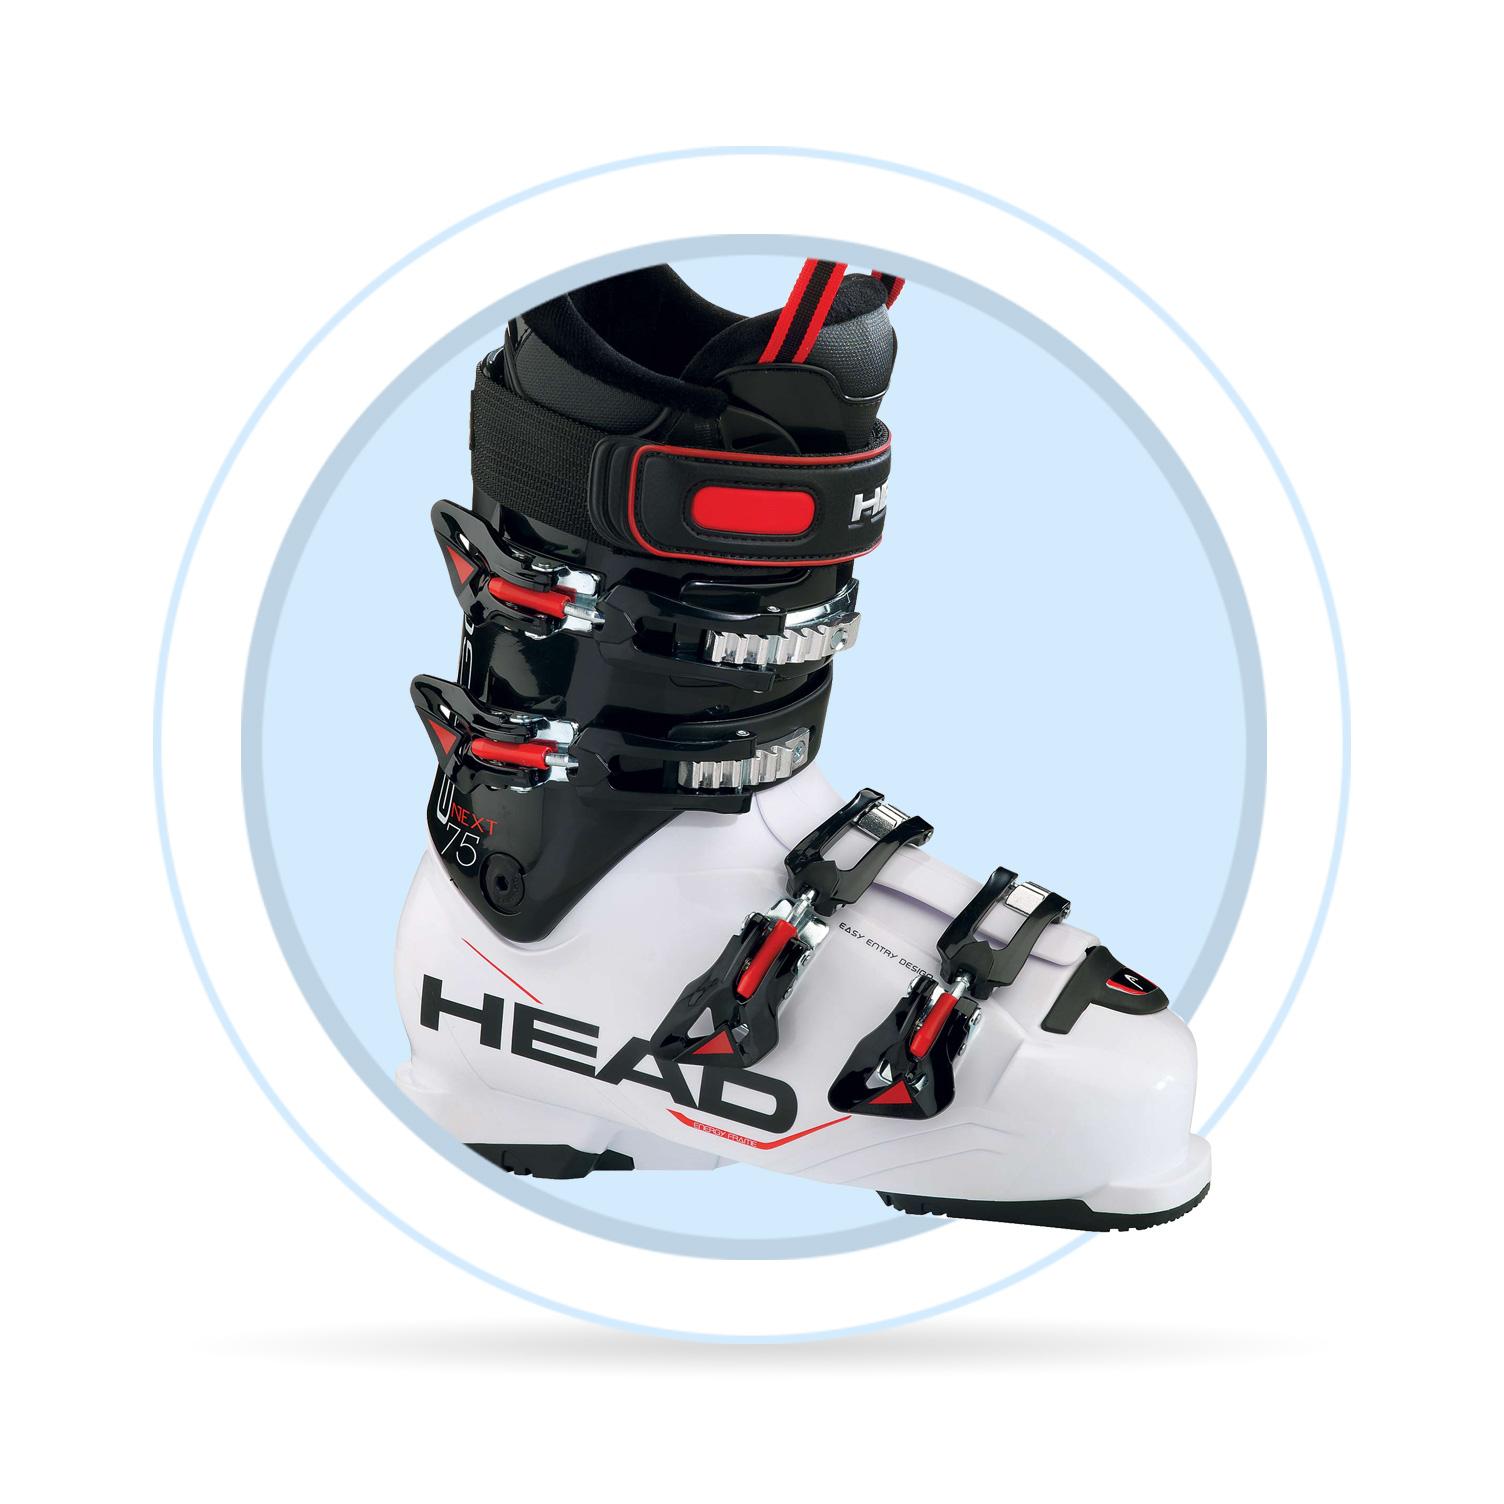 aa9411c2f2ccd Zjazdové topánky slúžia pre prenos síl medzi lyžiarom a lyžami, tvoria  základný prvok pre Vaše pohodlné lyžovanie. Preto výber nepodceňujte a  buďte pri ňom ...